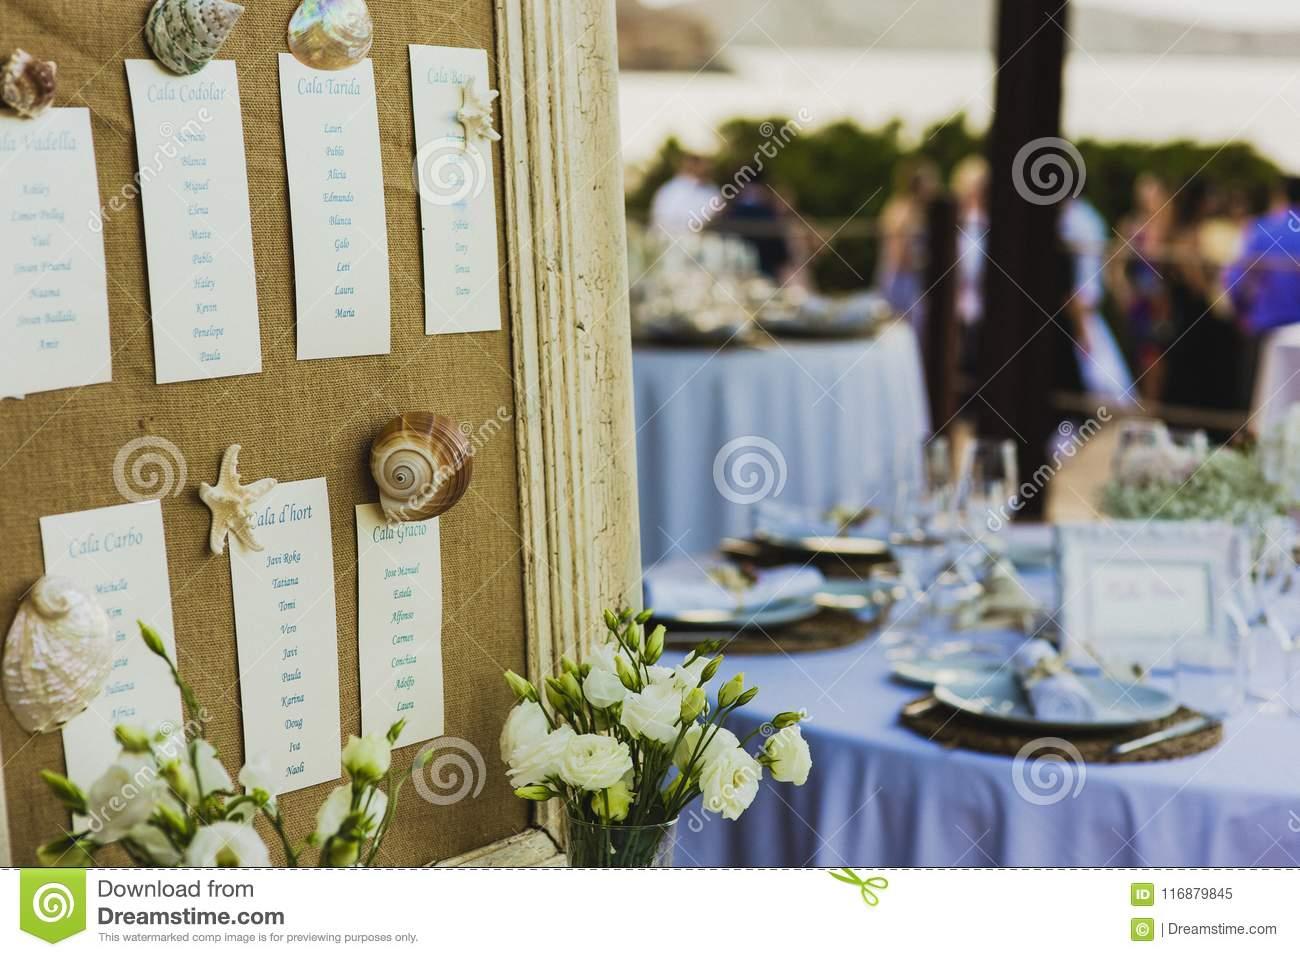 План рассадки гостей на свадьбе: важно продумать все до мелочей